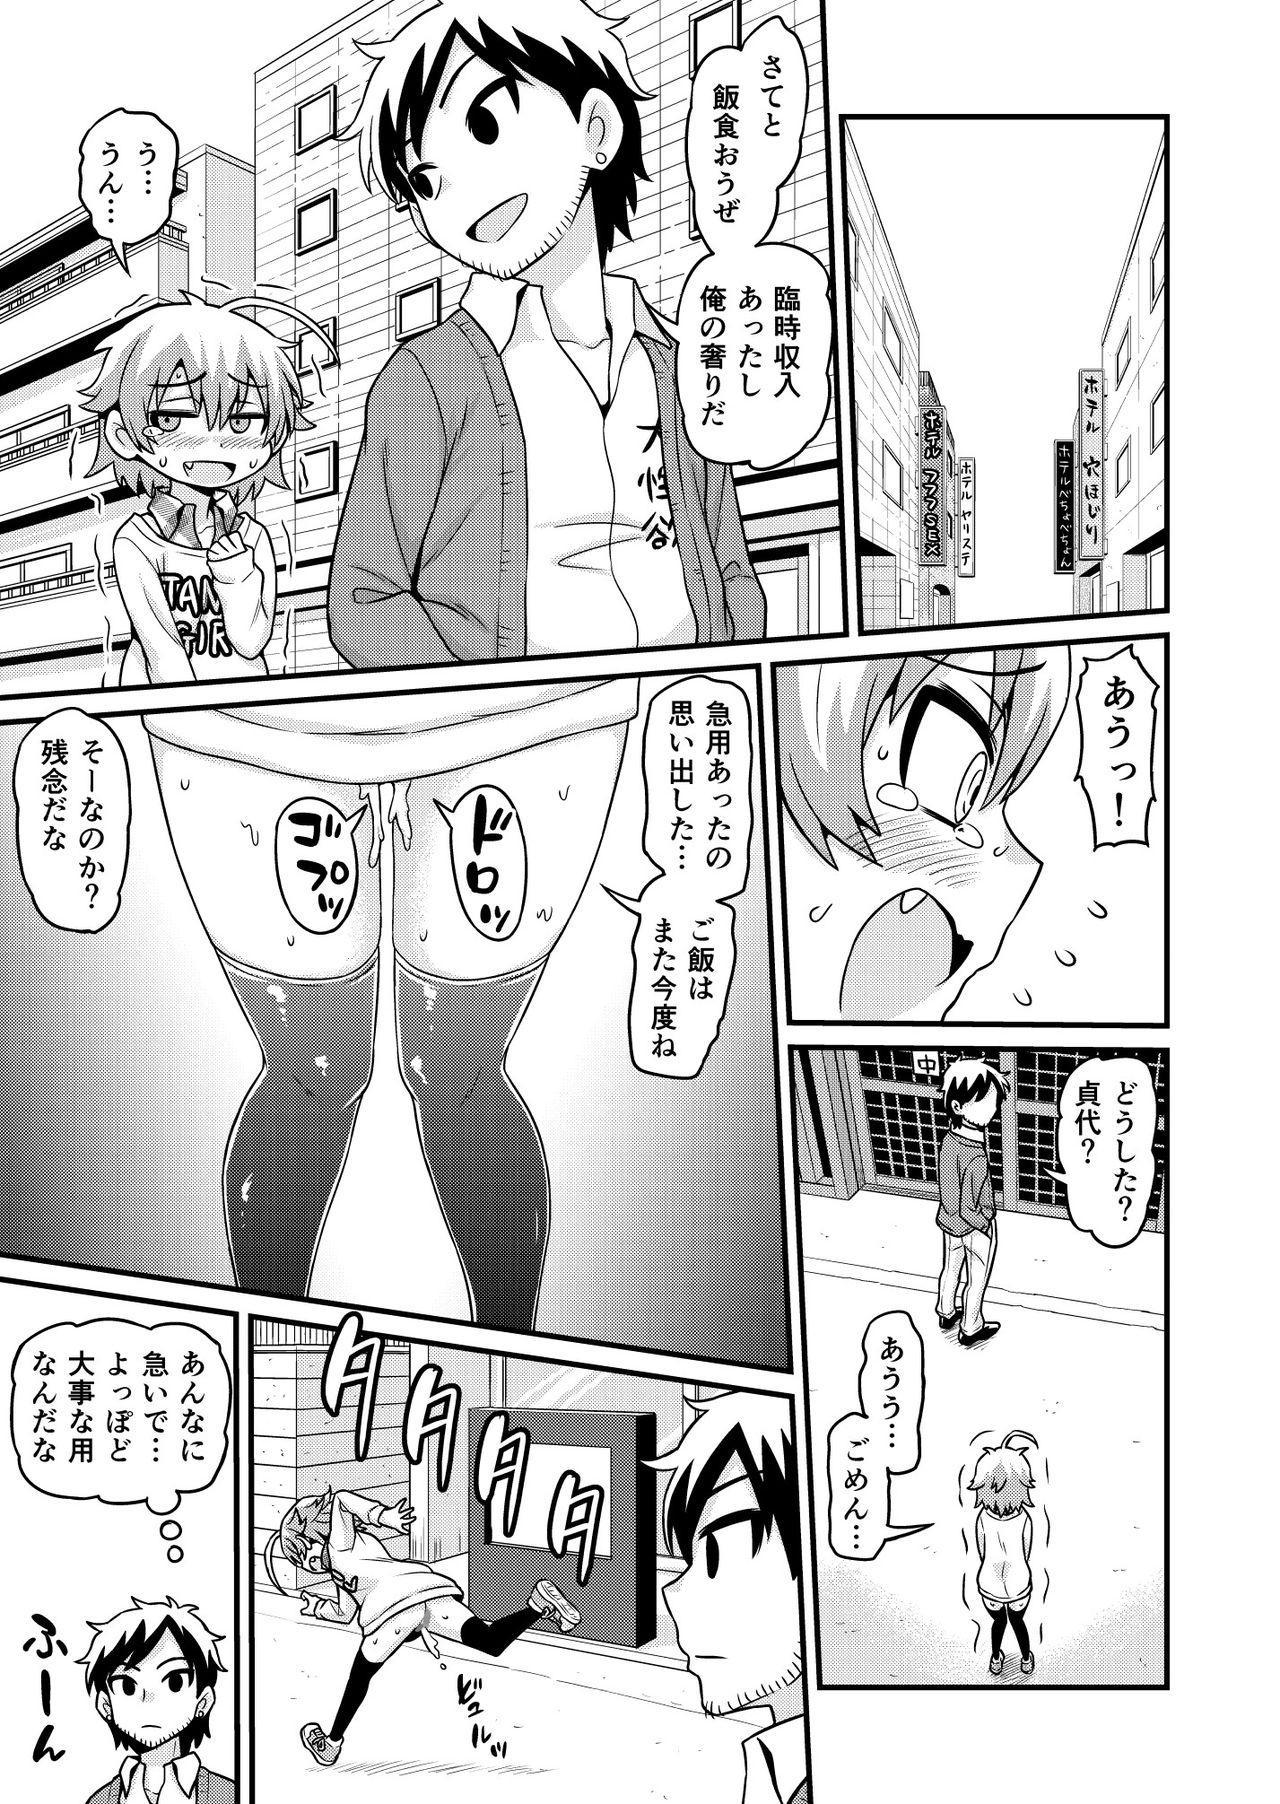 Muryou Esthe to Shoushita Otoko-tachi ni Sadayo ga Namahame Sareru Manga 35